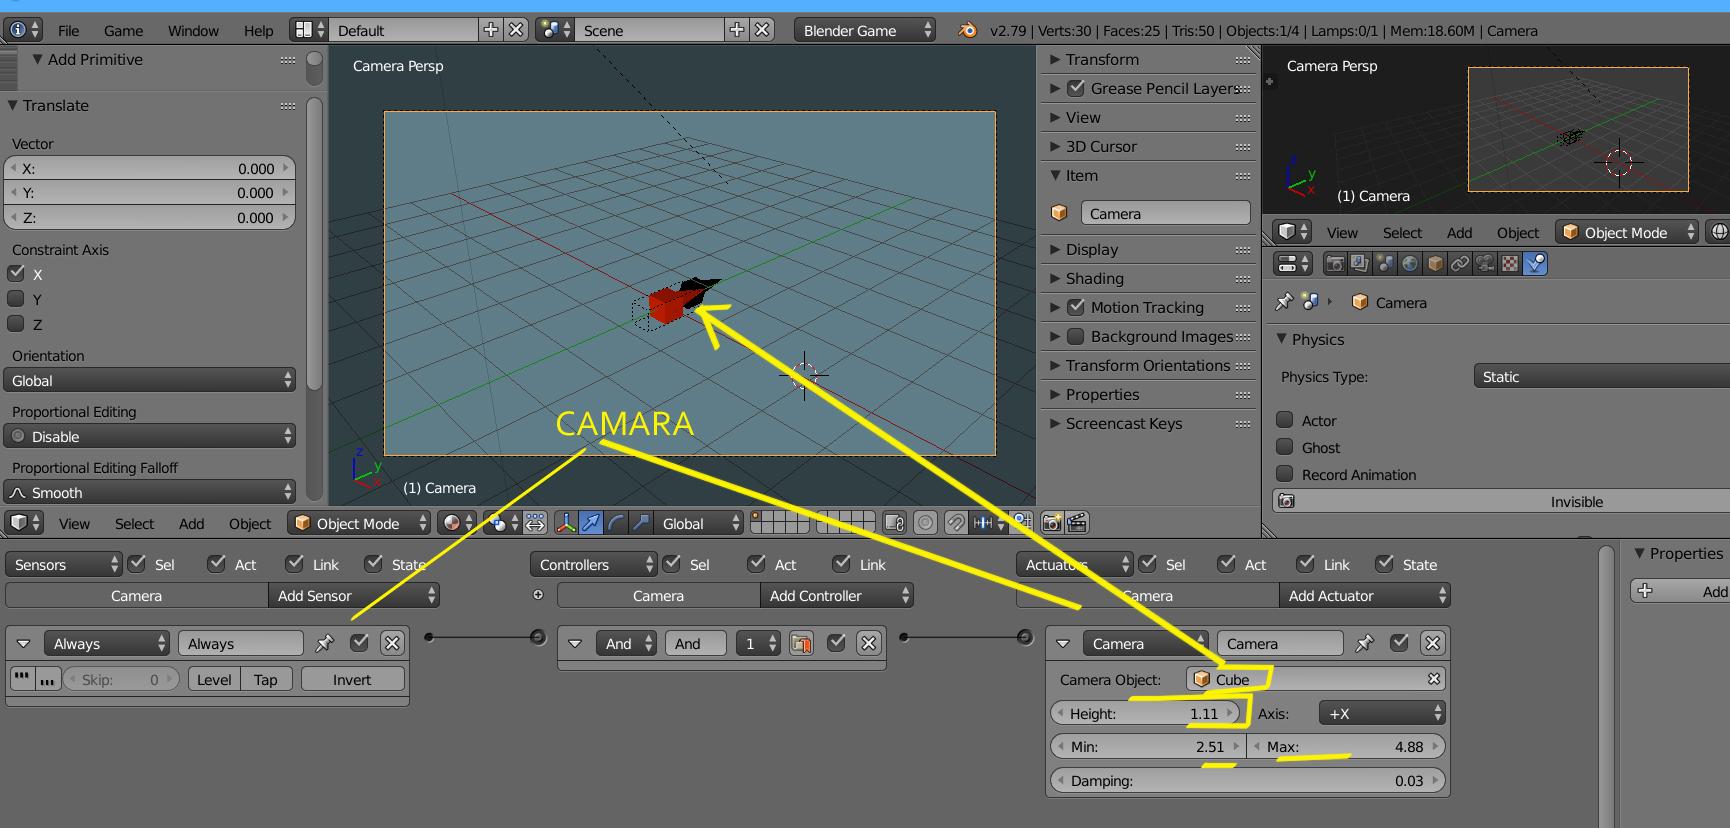 Mover objeto y que lo siga la cámara-camara.jpg